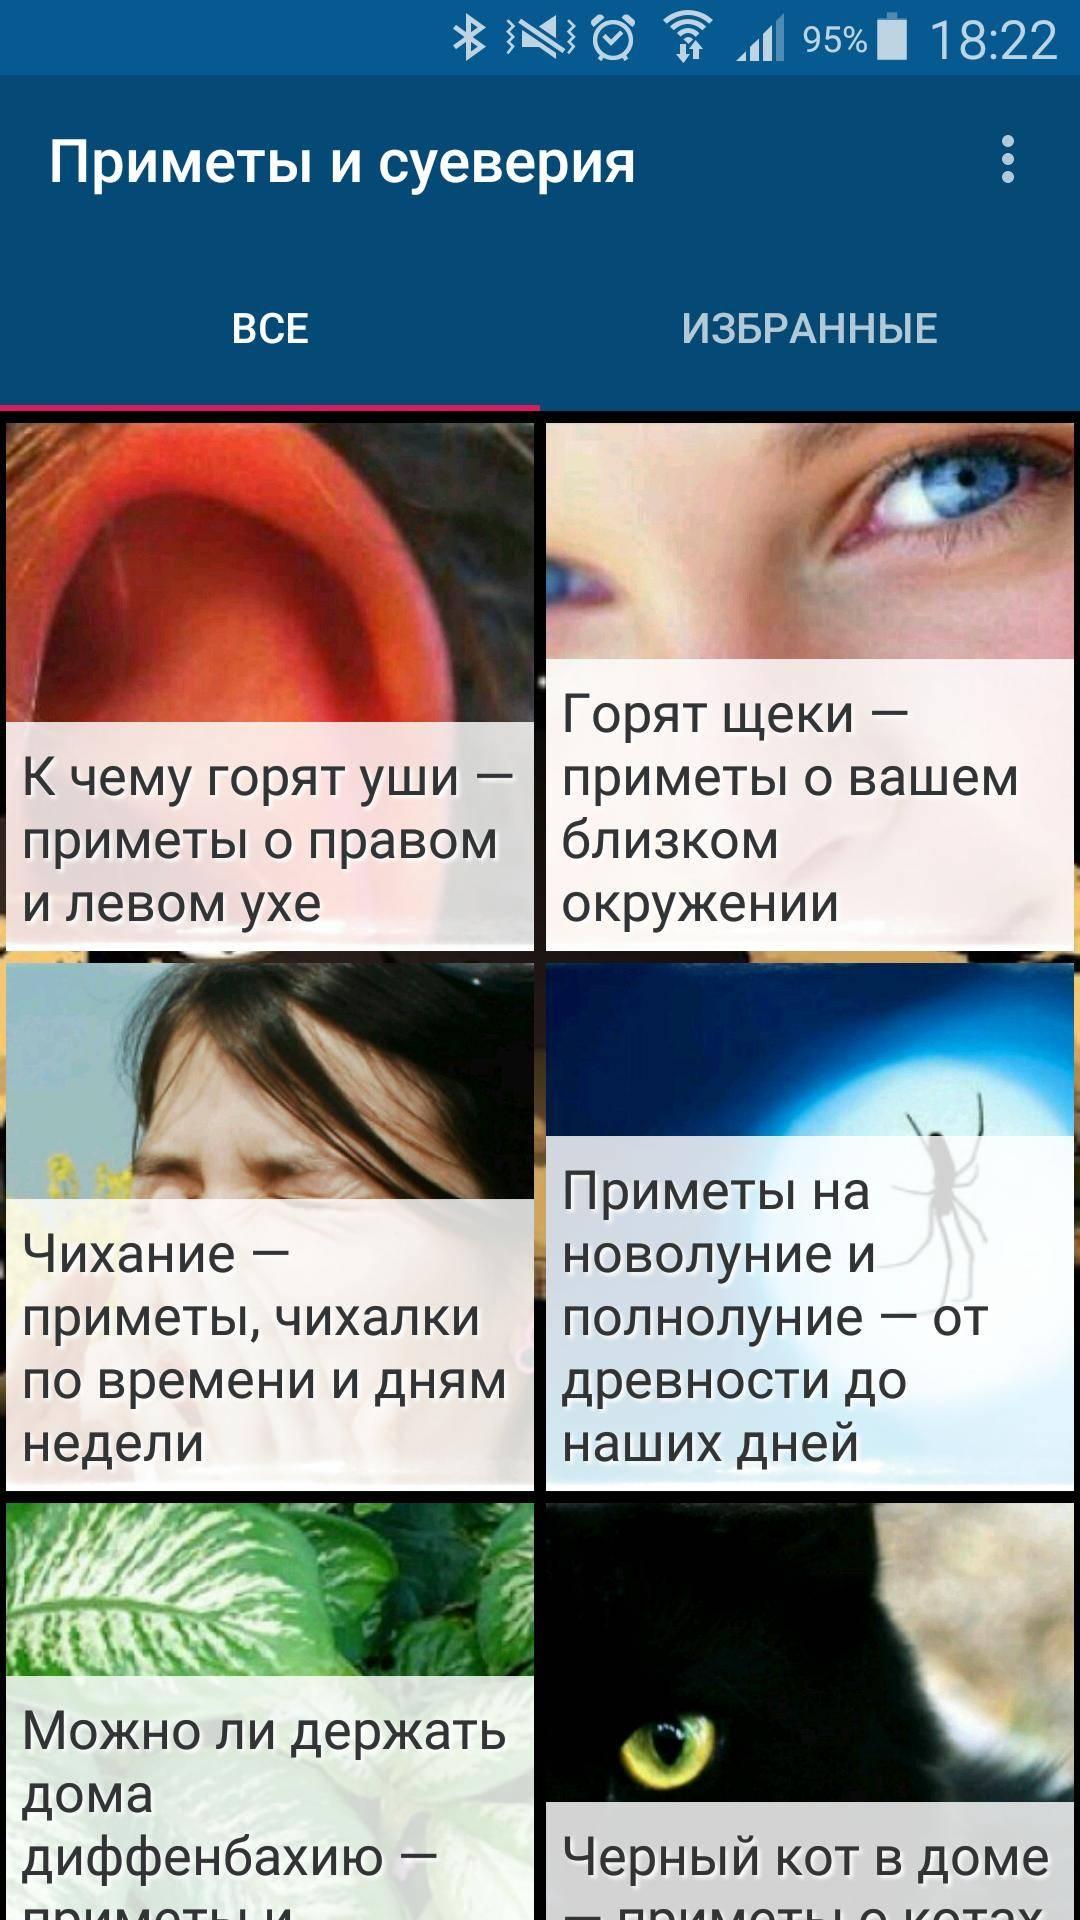 Горят уши и щеки одновременно: примета о сплетнях и зависти